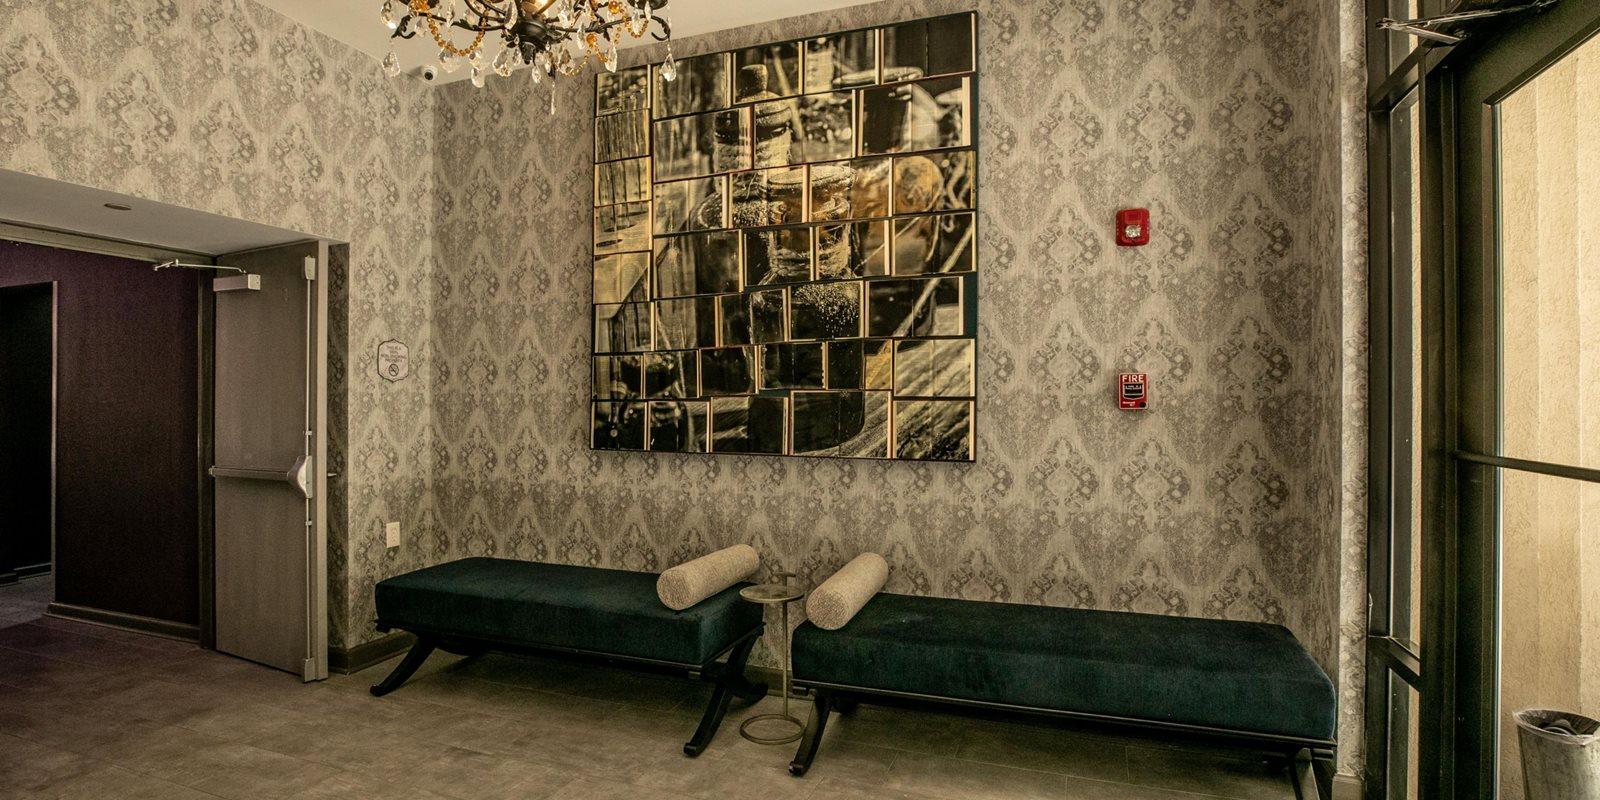 Hotel-Indigo-Birmingham-AL-Lobby-Seating.jpg